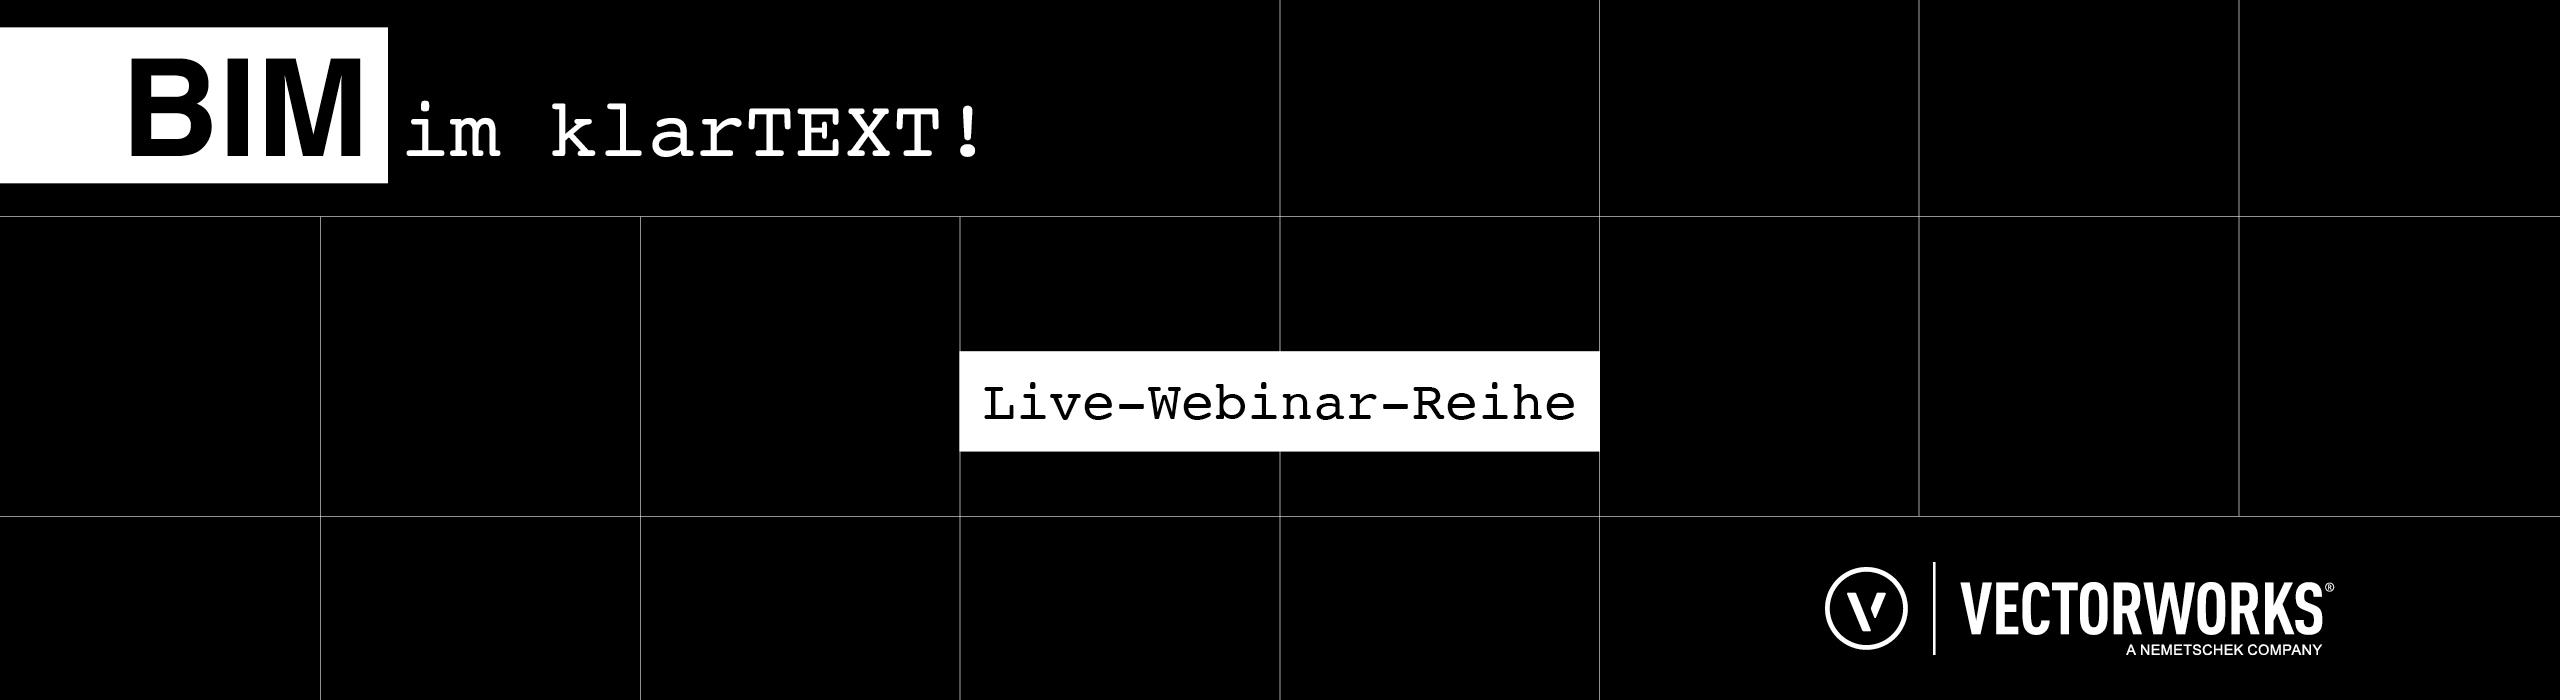 BIM im klarTEXT - Live-Webinar-Reihe